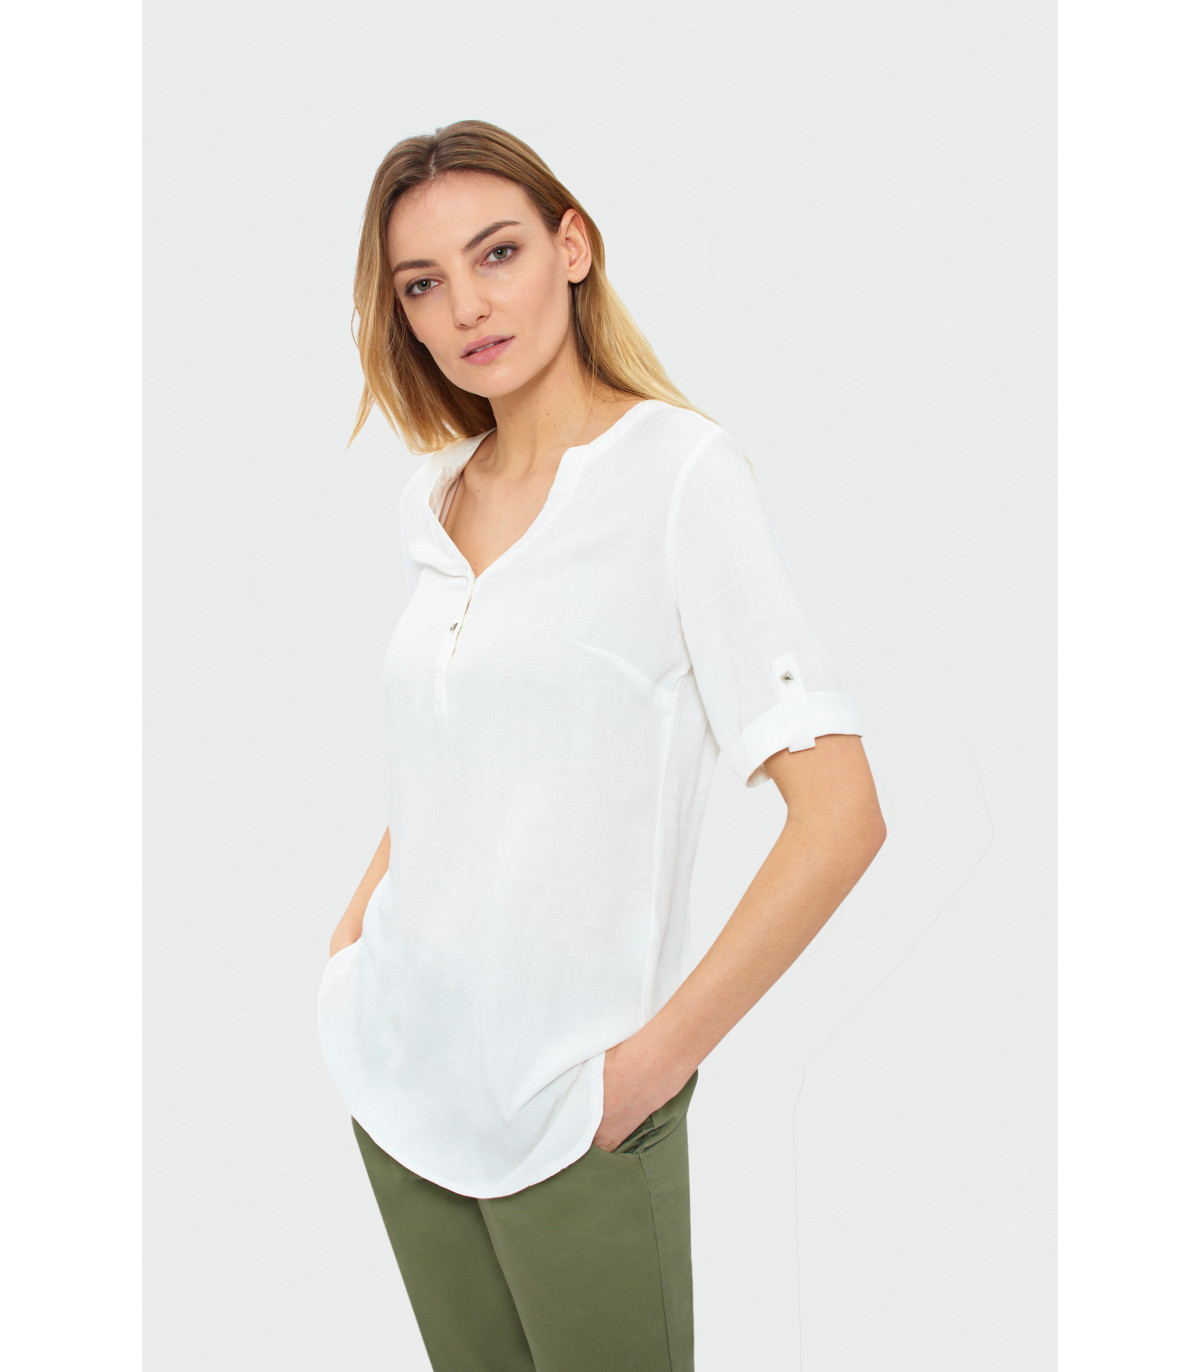 fbed82db47 Klasická biela košeľa